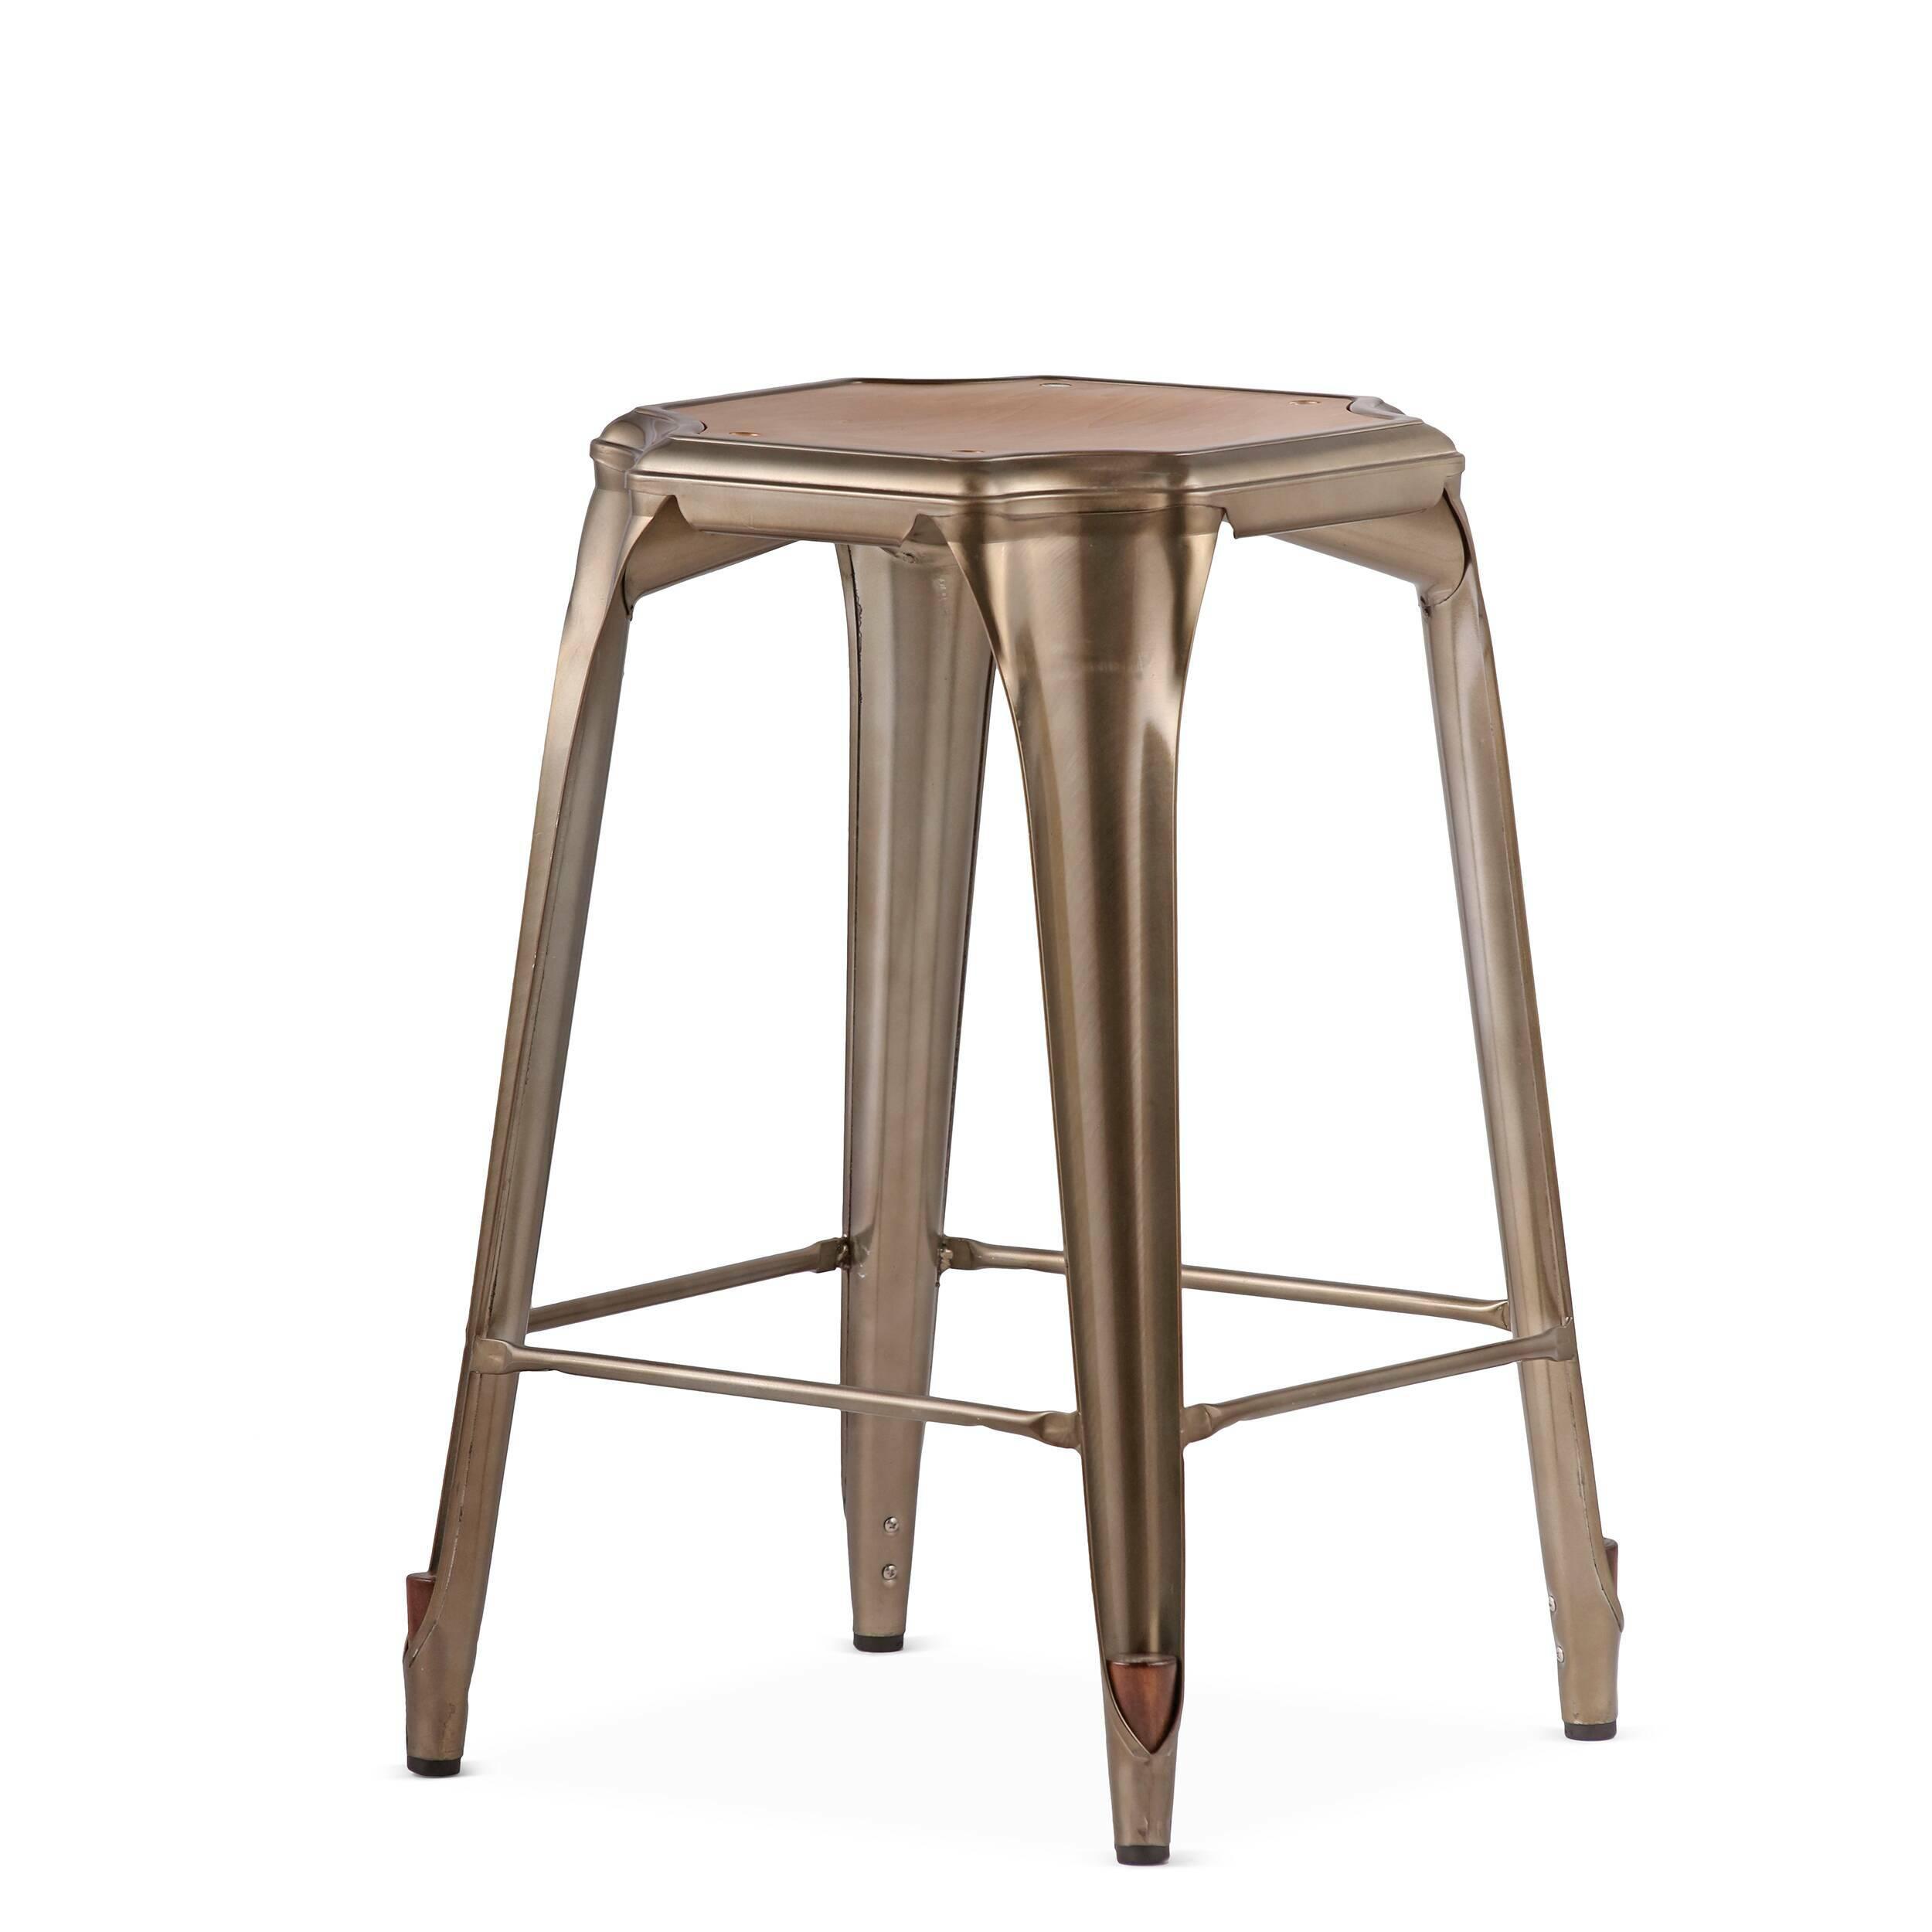 Барный стул Marais Vintage WoodПолубарные<br>Барный стул Marais Vintage Wood — олицетворение винтажного стиля, его грациозные линии создают ощущение легкости и невесомости. Несмотря на хрупкий вид, этот предмет мебели невероятно прочен и долговечен. Высококачественный металл, обработанный методом гальванизации, выдерживает самые агрессивные условия окружающей среды. Не случайно модель не утратила актуальности с начала ХХ века, именно тогда бургундский промышленник Ксавье Пошар придумал покрывать железные изделия расплавленным цинком ...<br><br>stock: 22<br>Высота: 65<br>Ширина: 44<br>Глубина: 44<br>Тип материала каркаса: Сталь<br>Материал сидения: Массив ореха<br>Цвет сидения: Орех<br>Тип материала сидения: Дерево<br>Цвет каркаса: Бронза пушечная